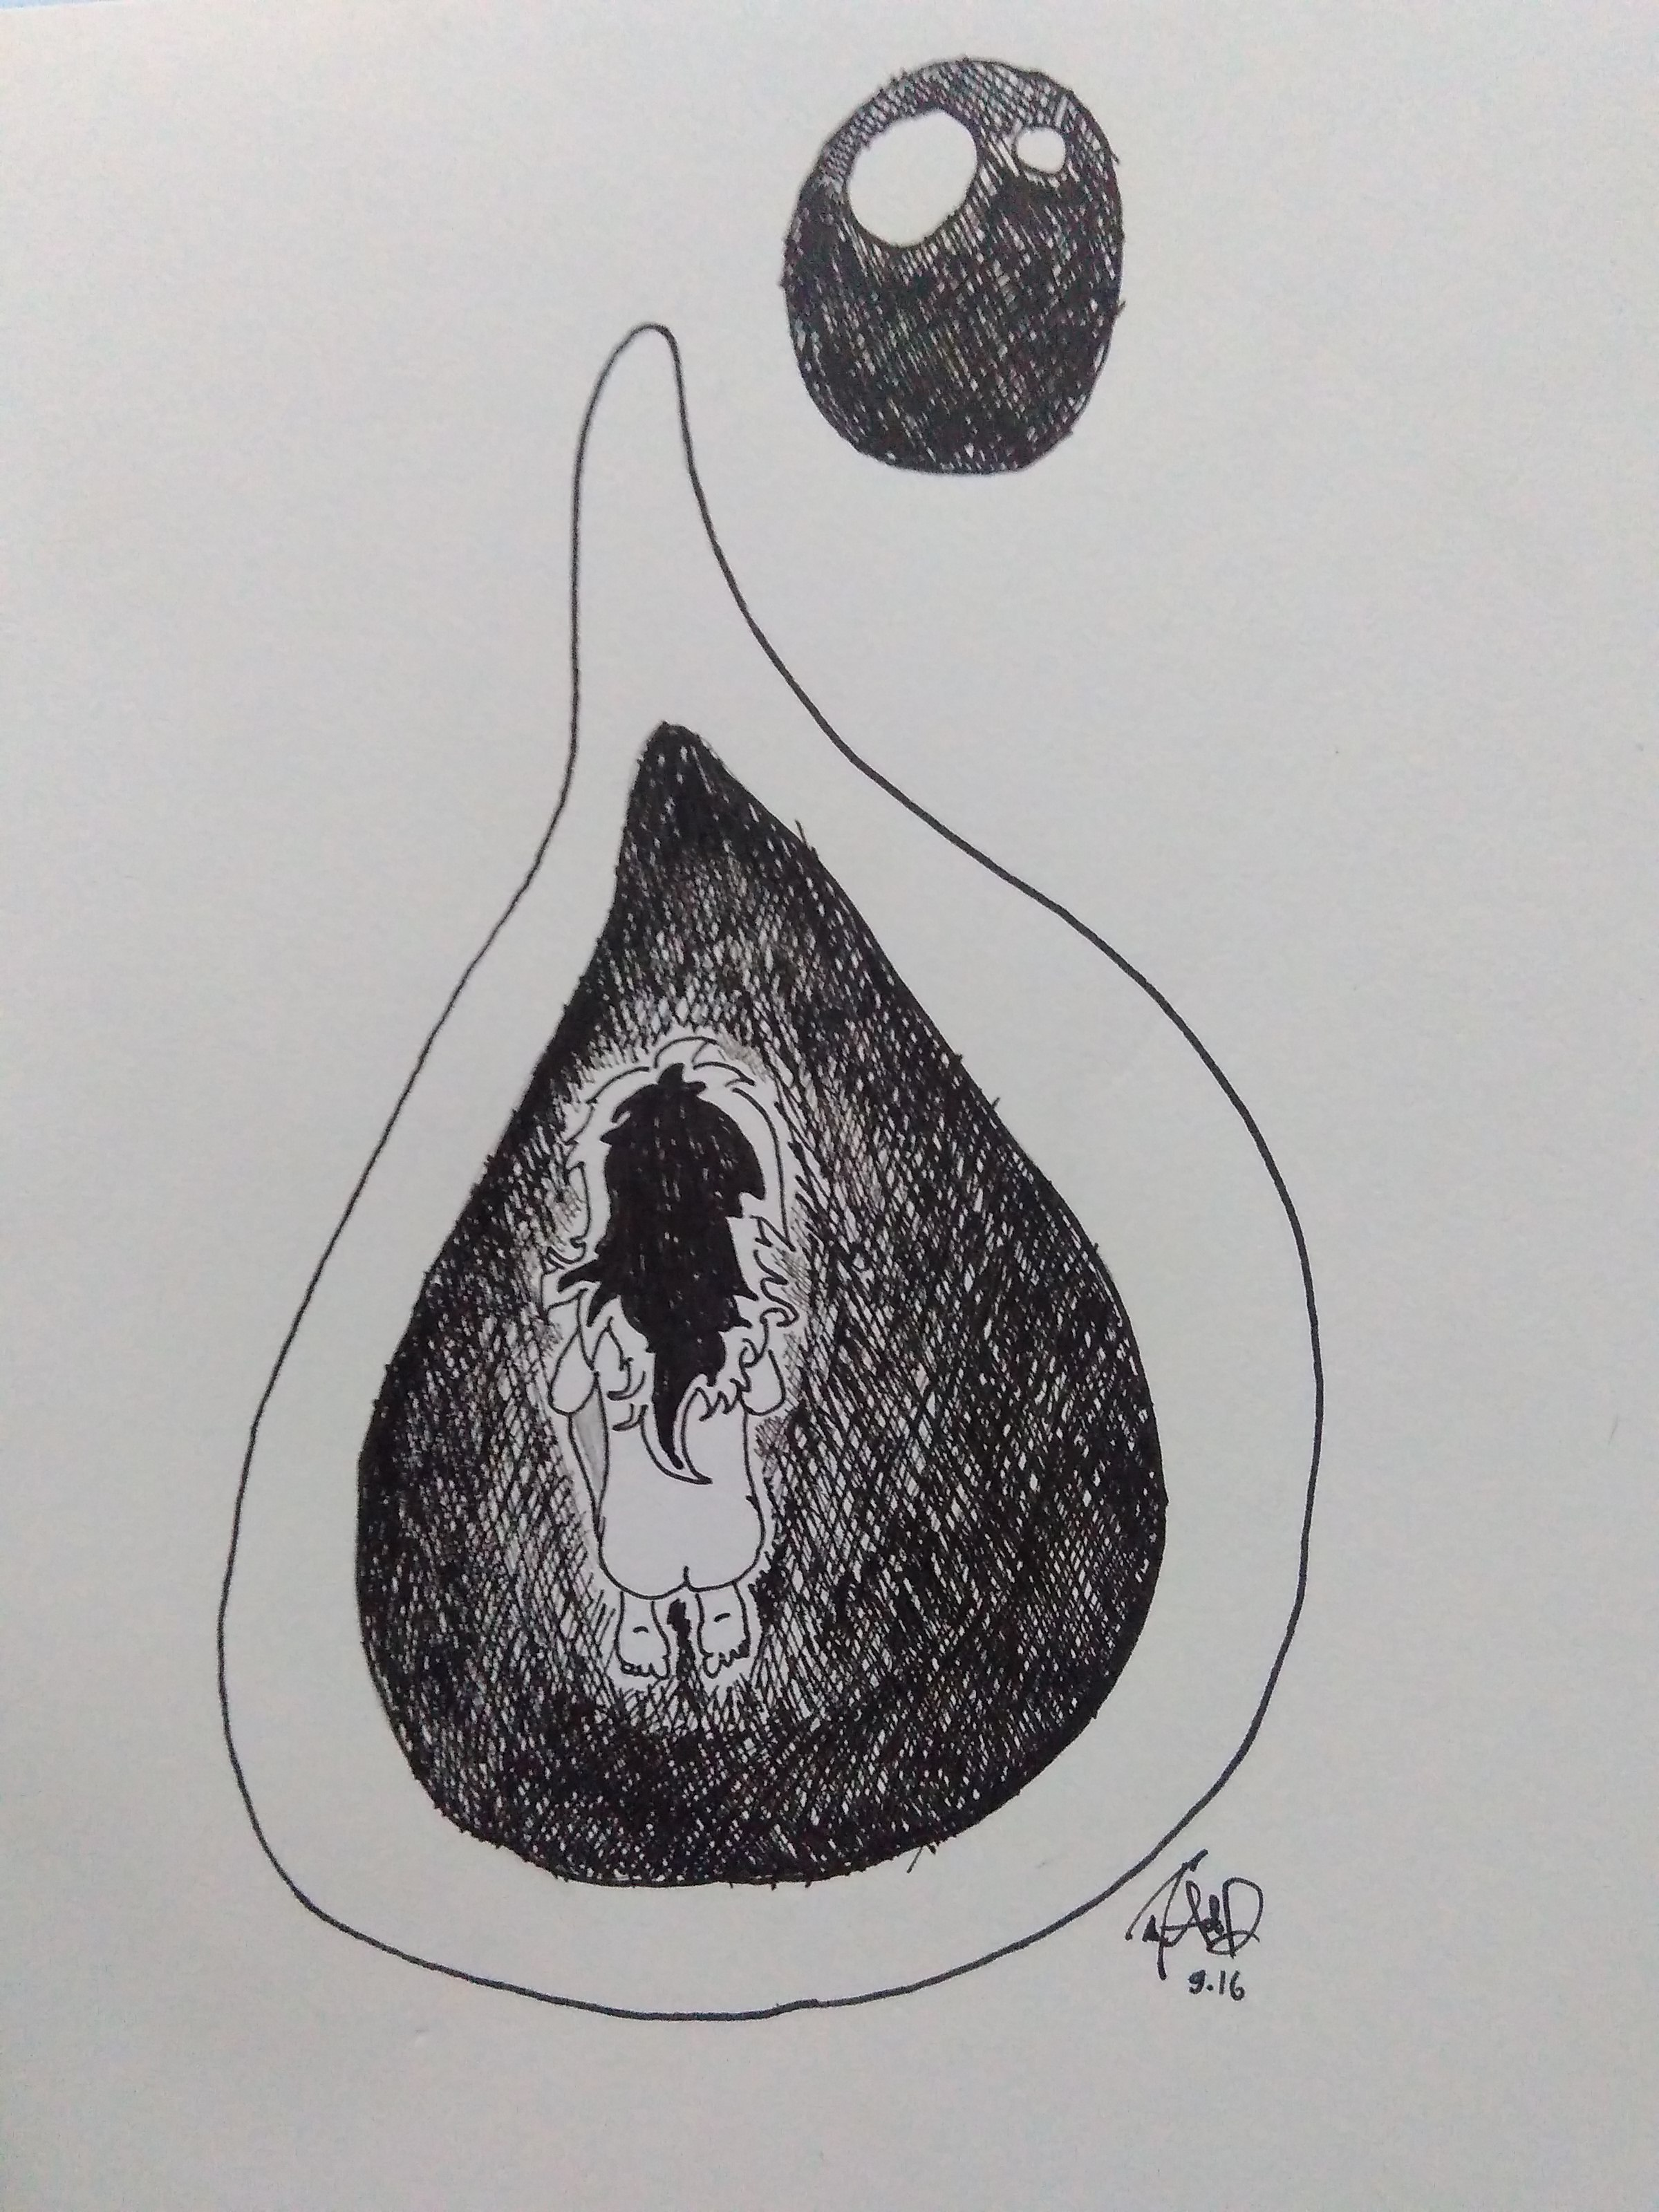 Ilustrasi Seseorang di Balik Dinding Berwarna Putih. (PERSPEKTIF/Ad)